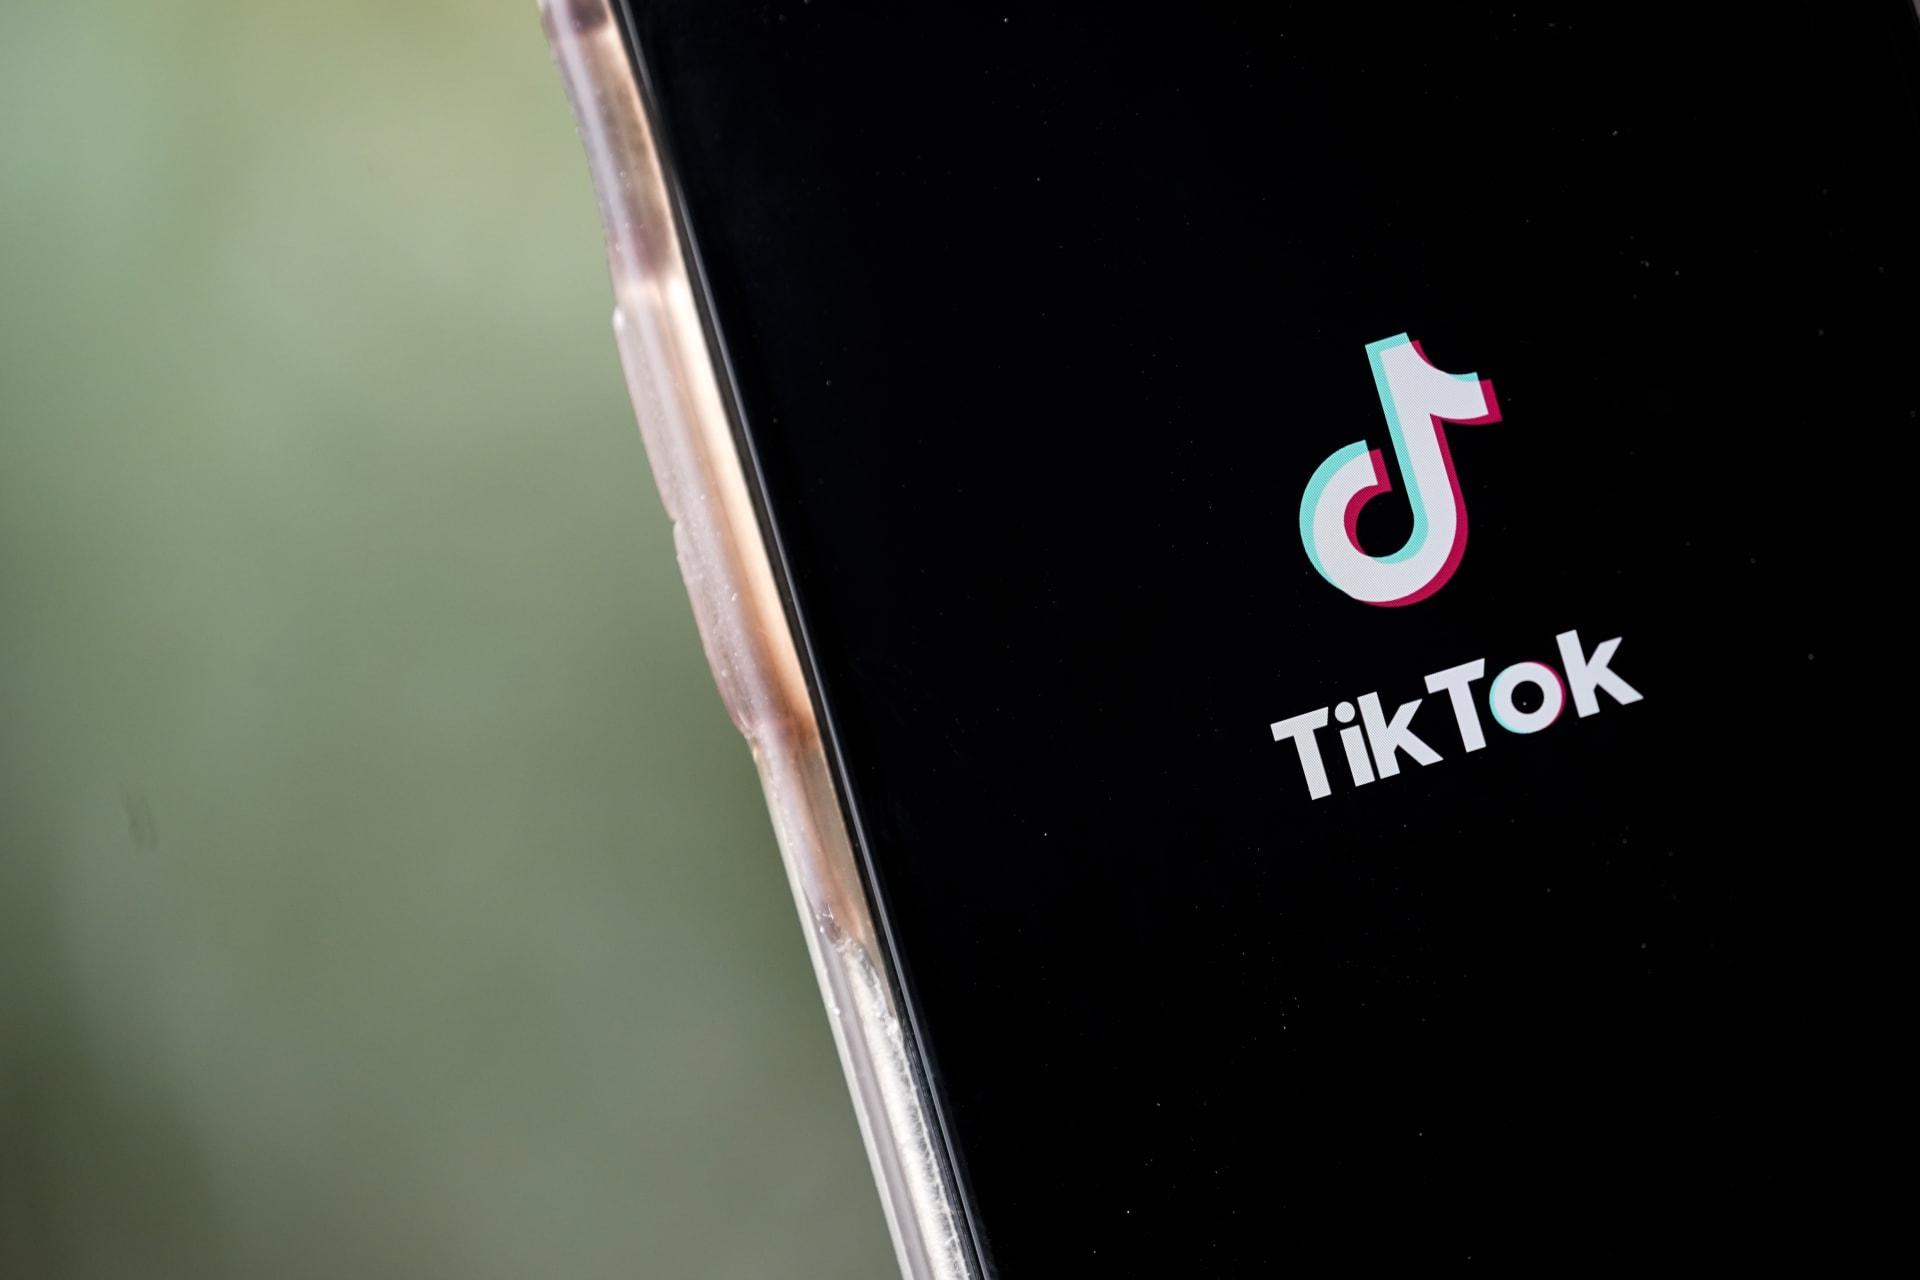 تيك توك تتحدى جهود إدارة ترامب لحظر التطبيق في أمريكا